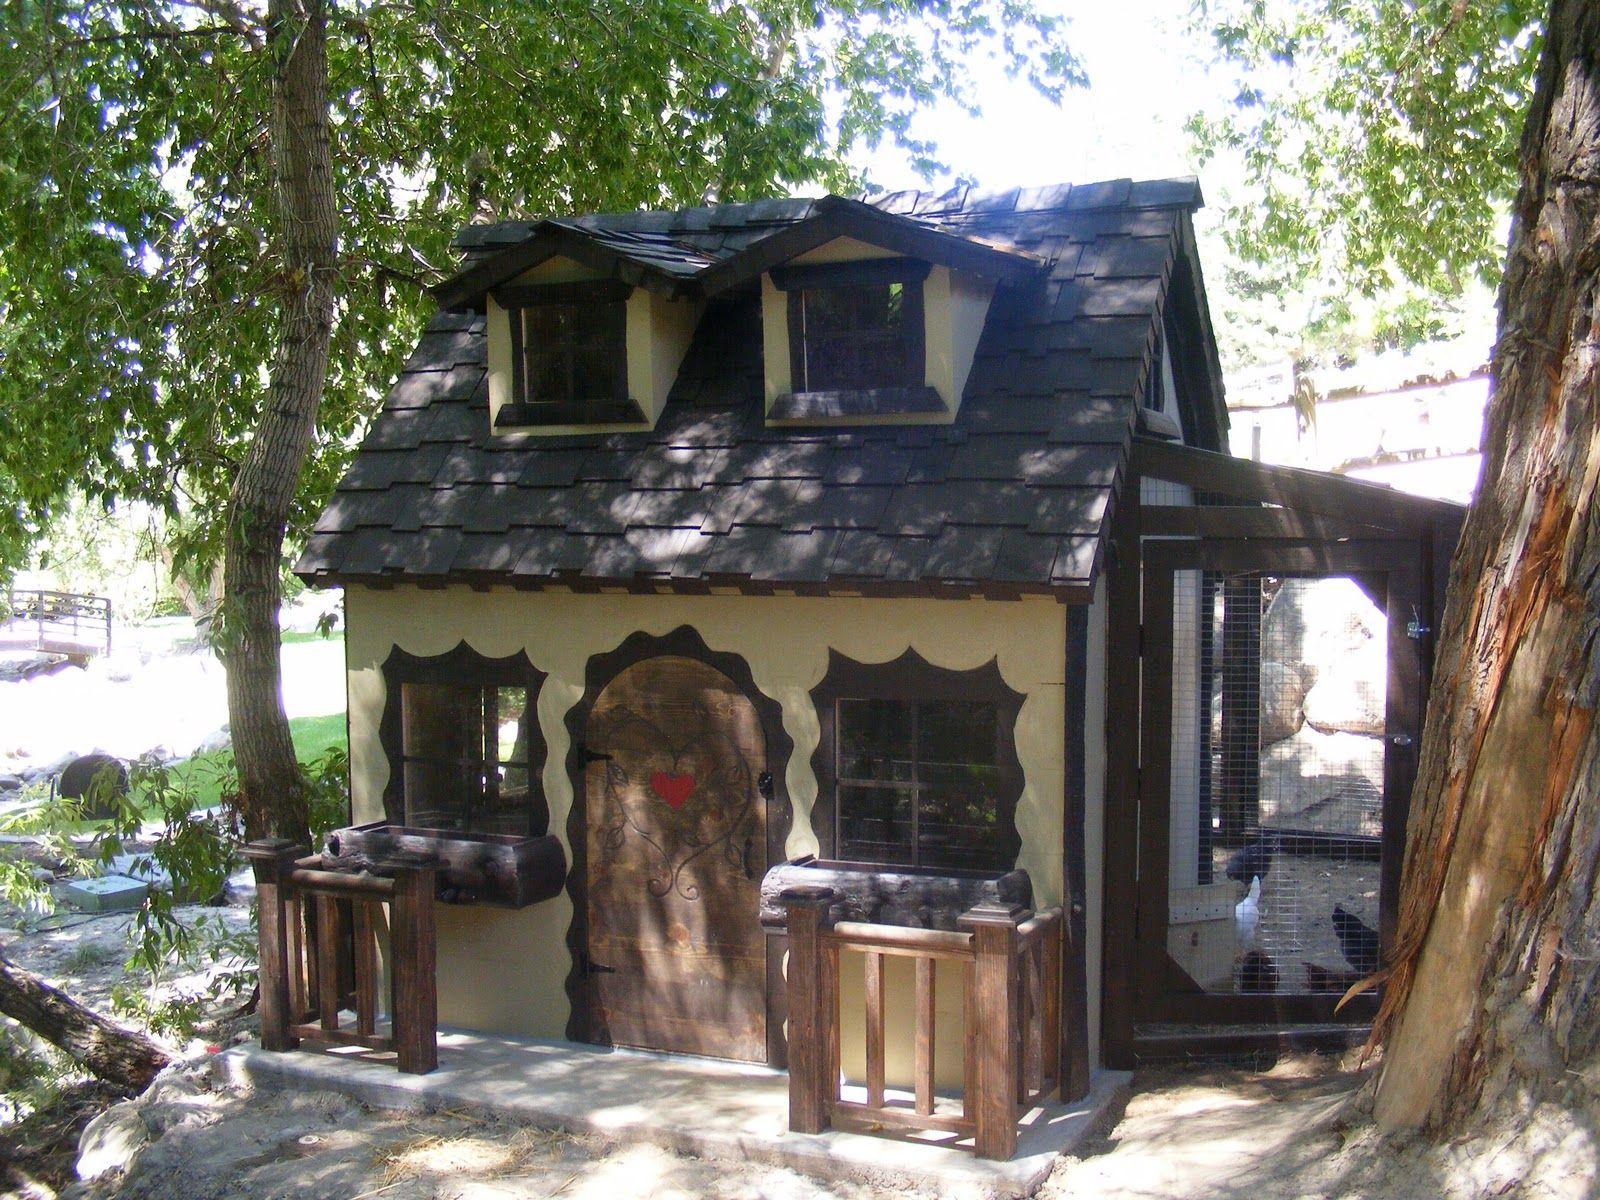 chicken coop chicken in the city des poules en ville pinterest la poule en ville et poule. Black Bedroom Furniture Sets. Home Design Ideas